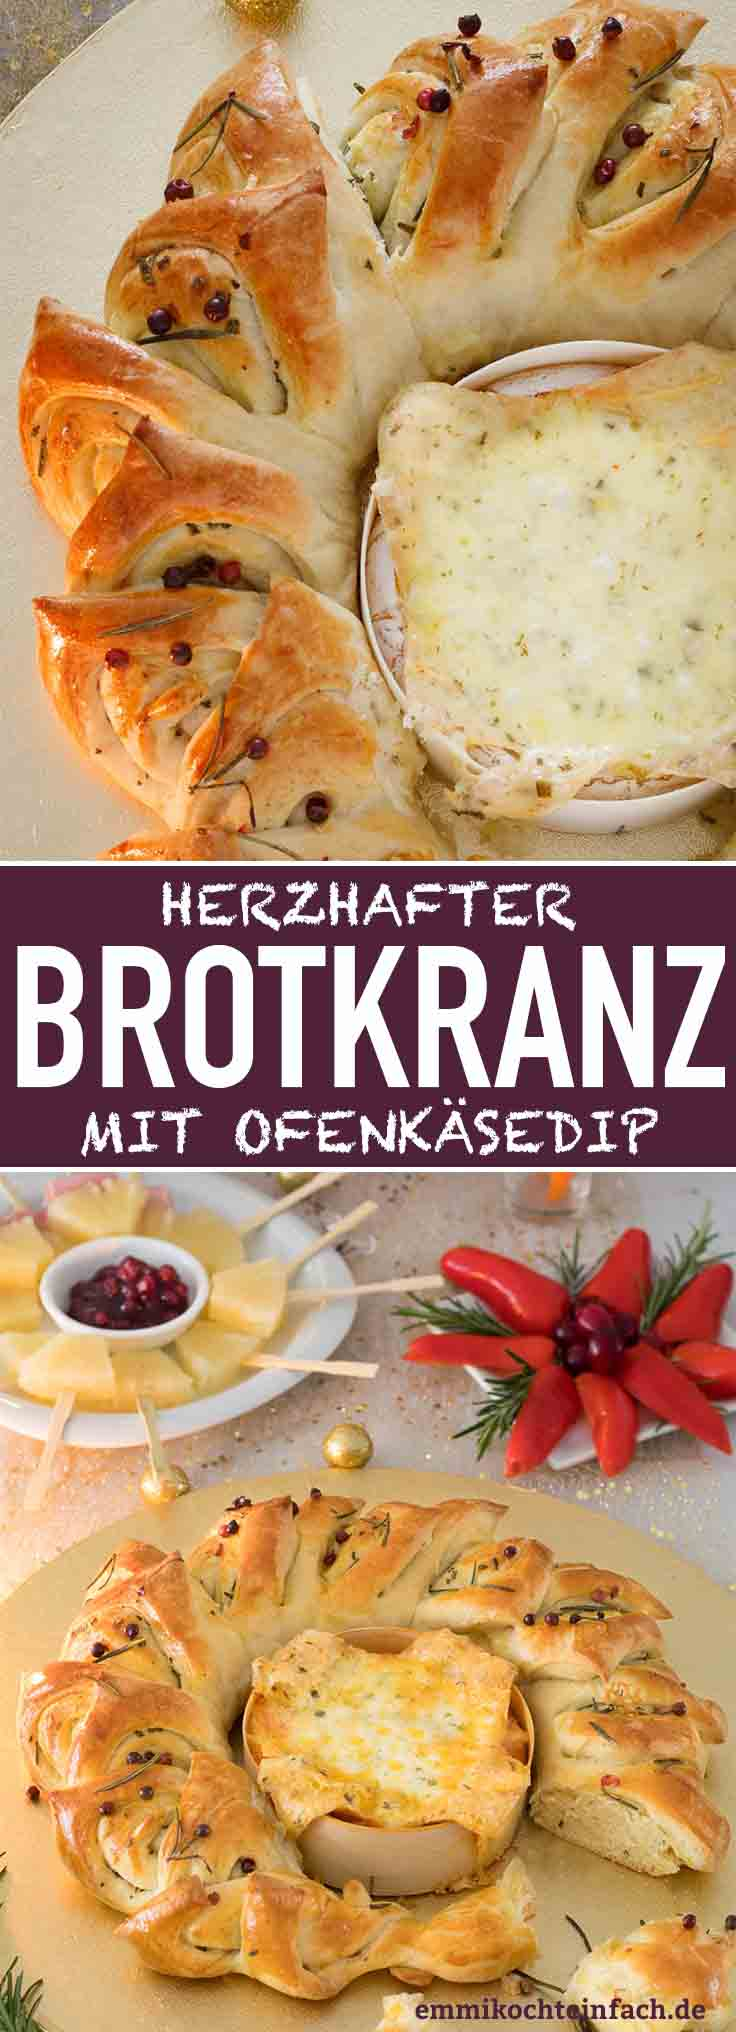 Brotkranz mit Ofenkäse - www.emmikochteinfach.de